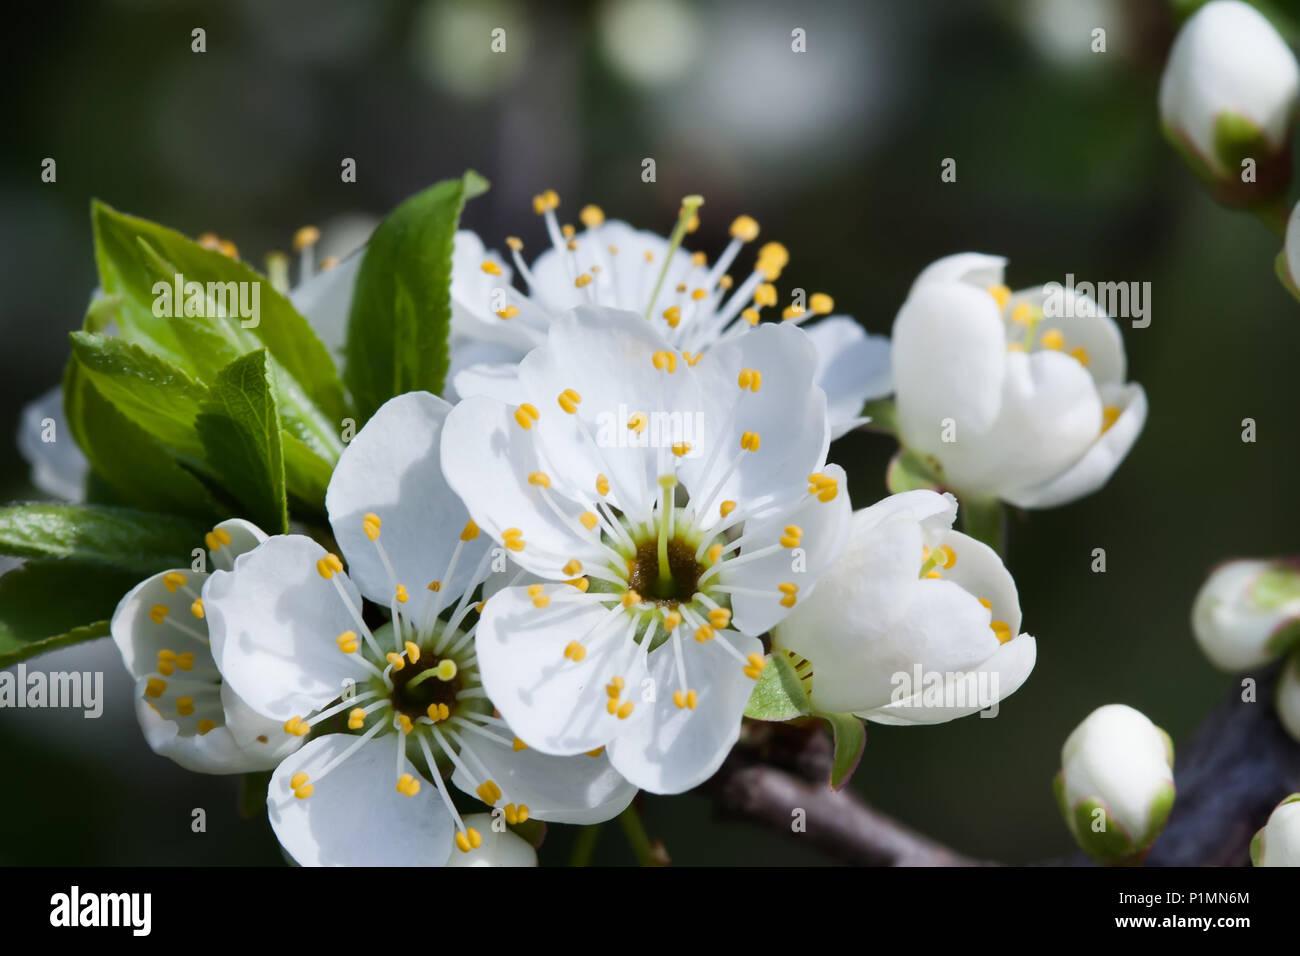 Fiori Bianchi In Primavera.Fioritura Melo Vista Macro Di Fiori Bianchi Bella Primavera La